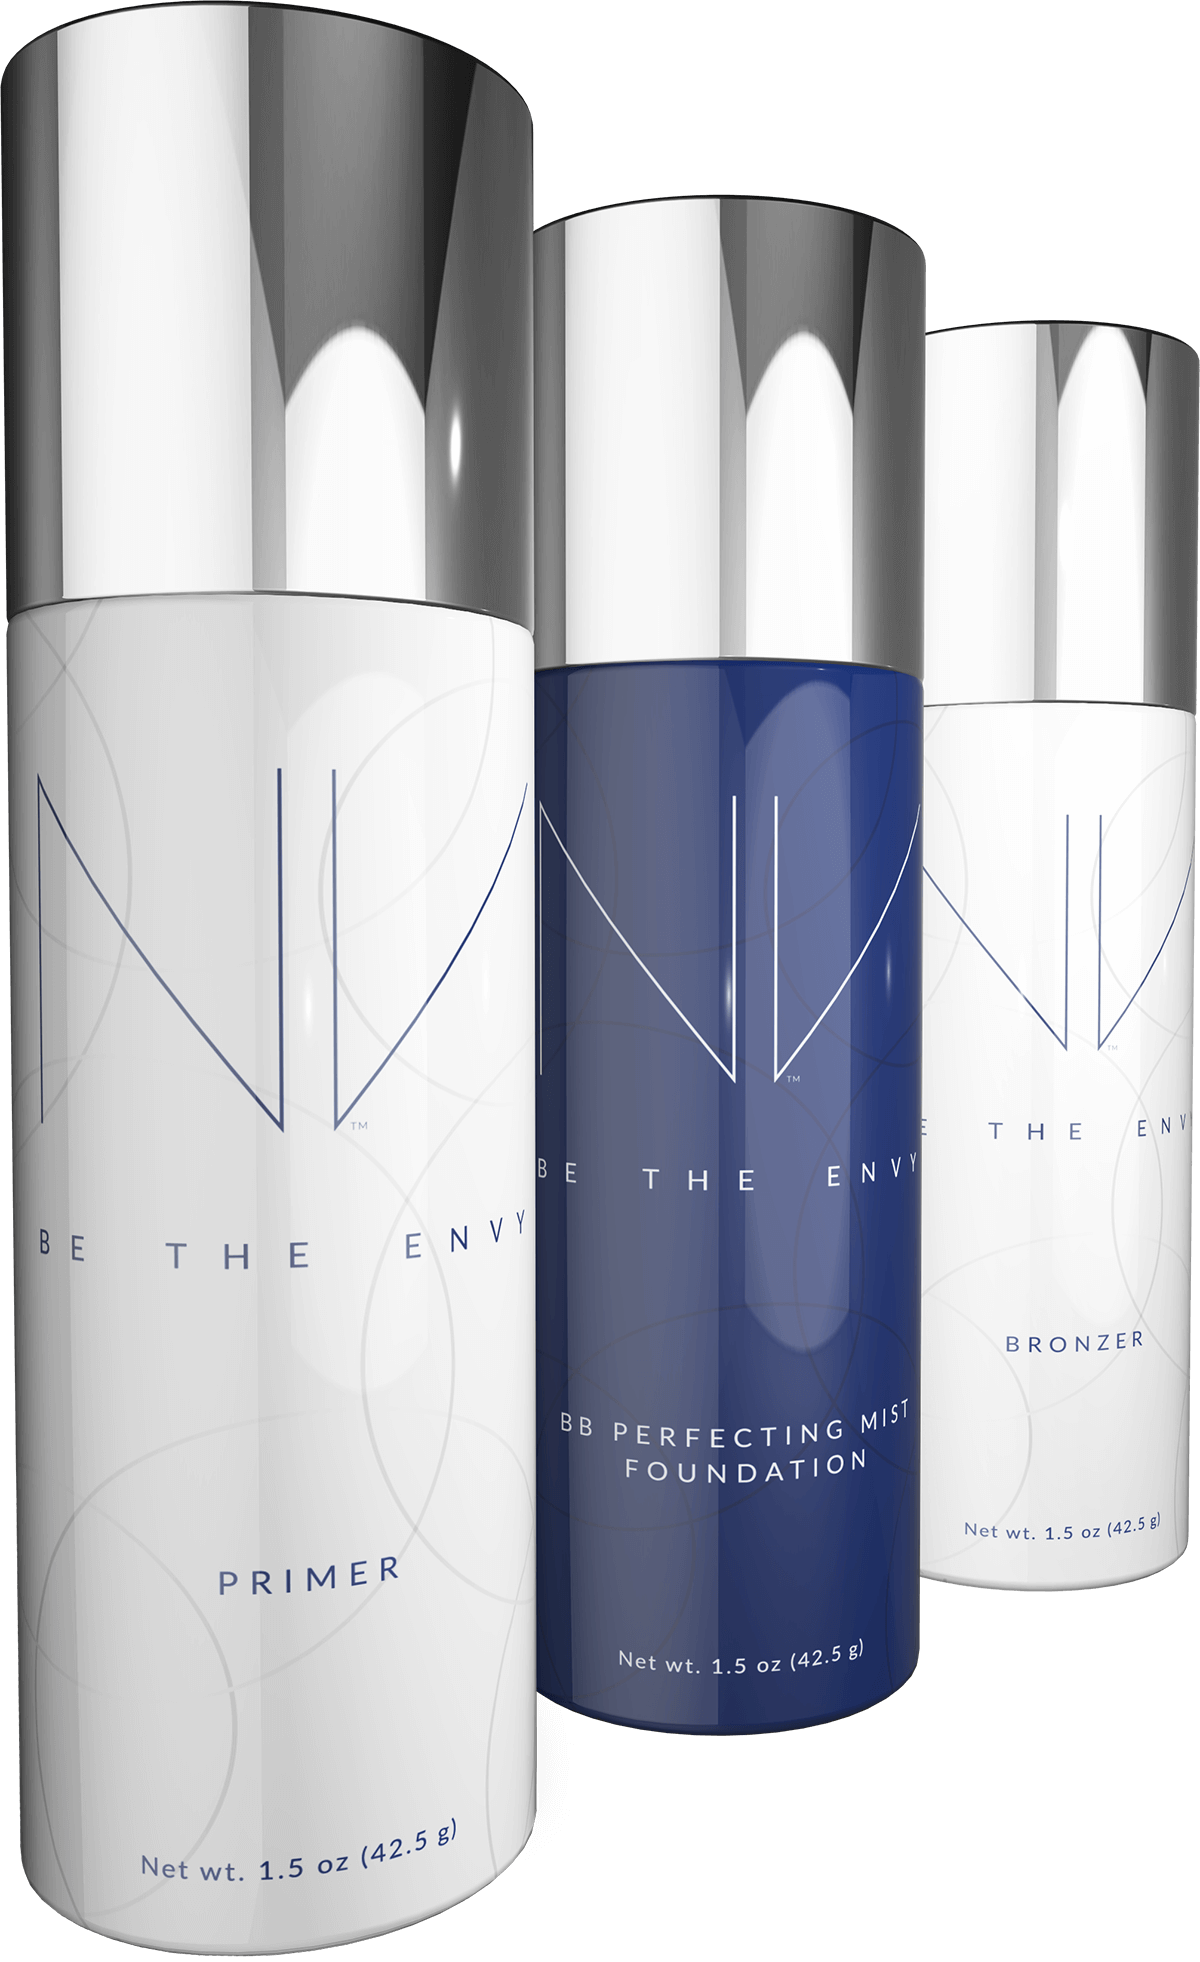 NV Bottles